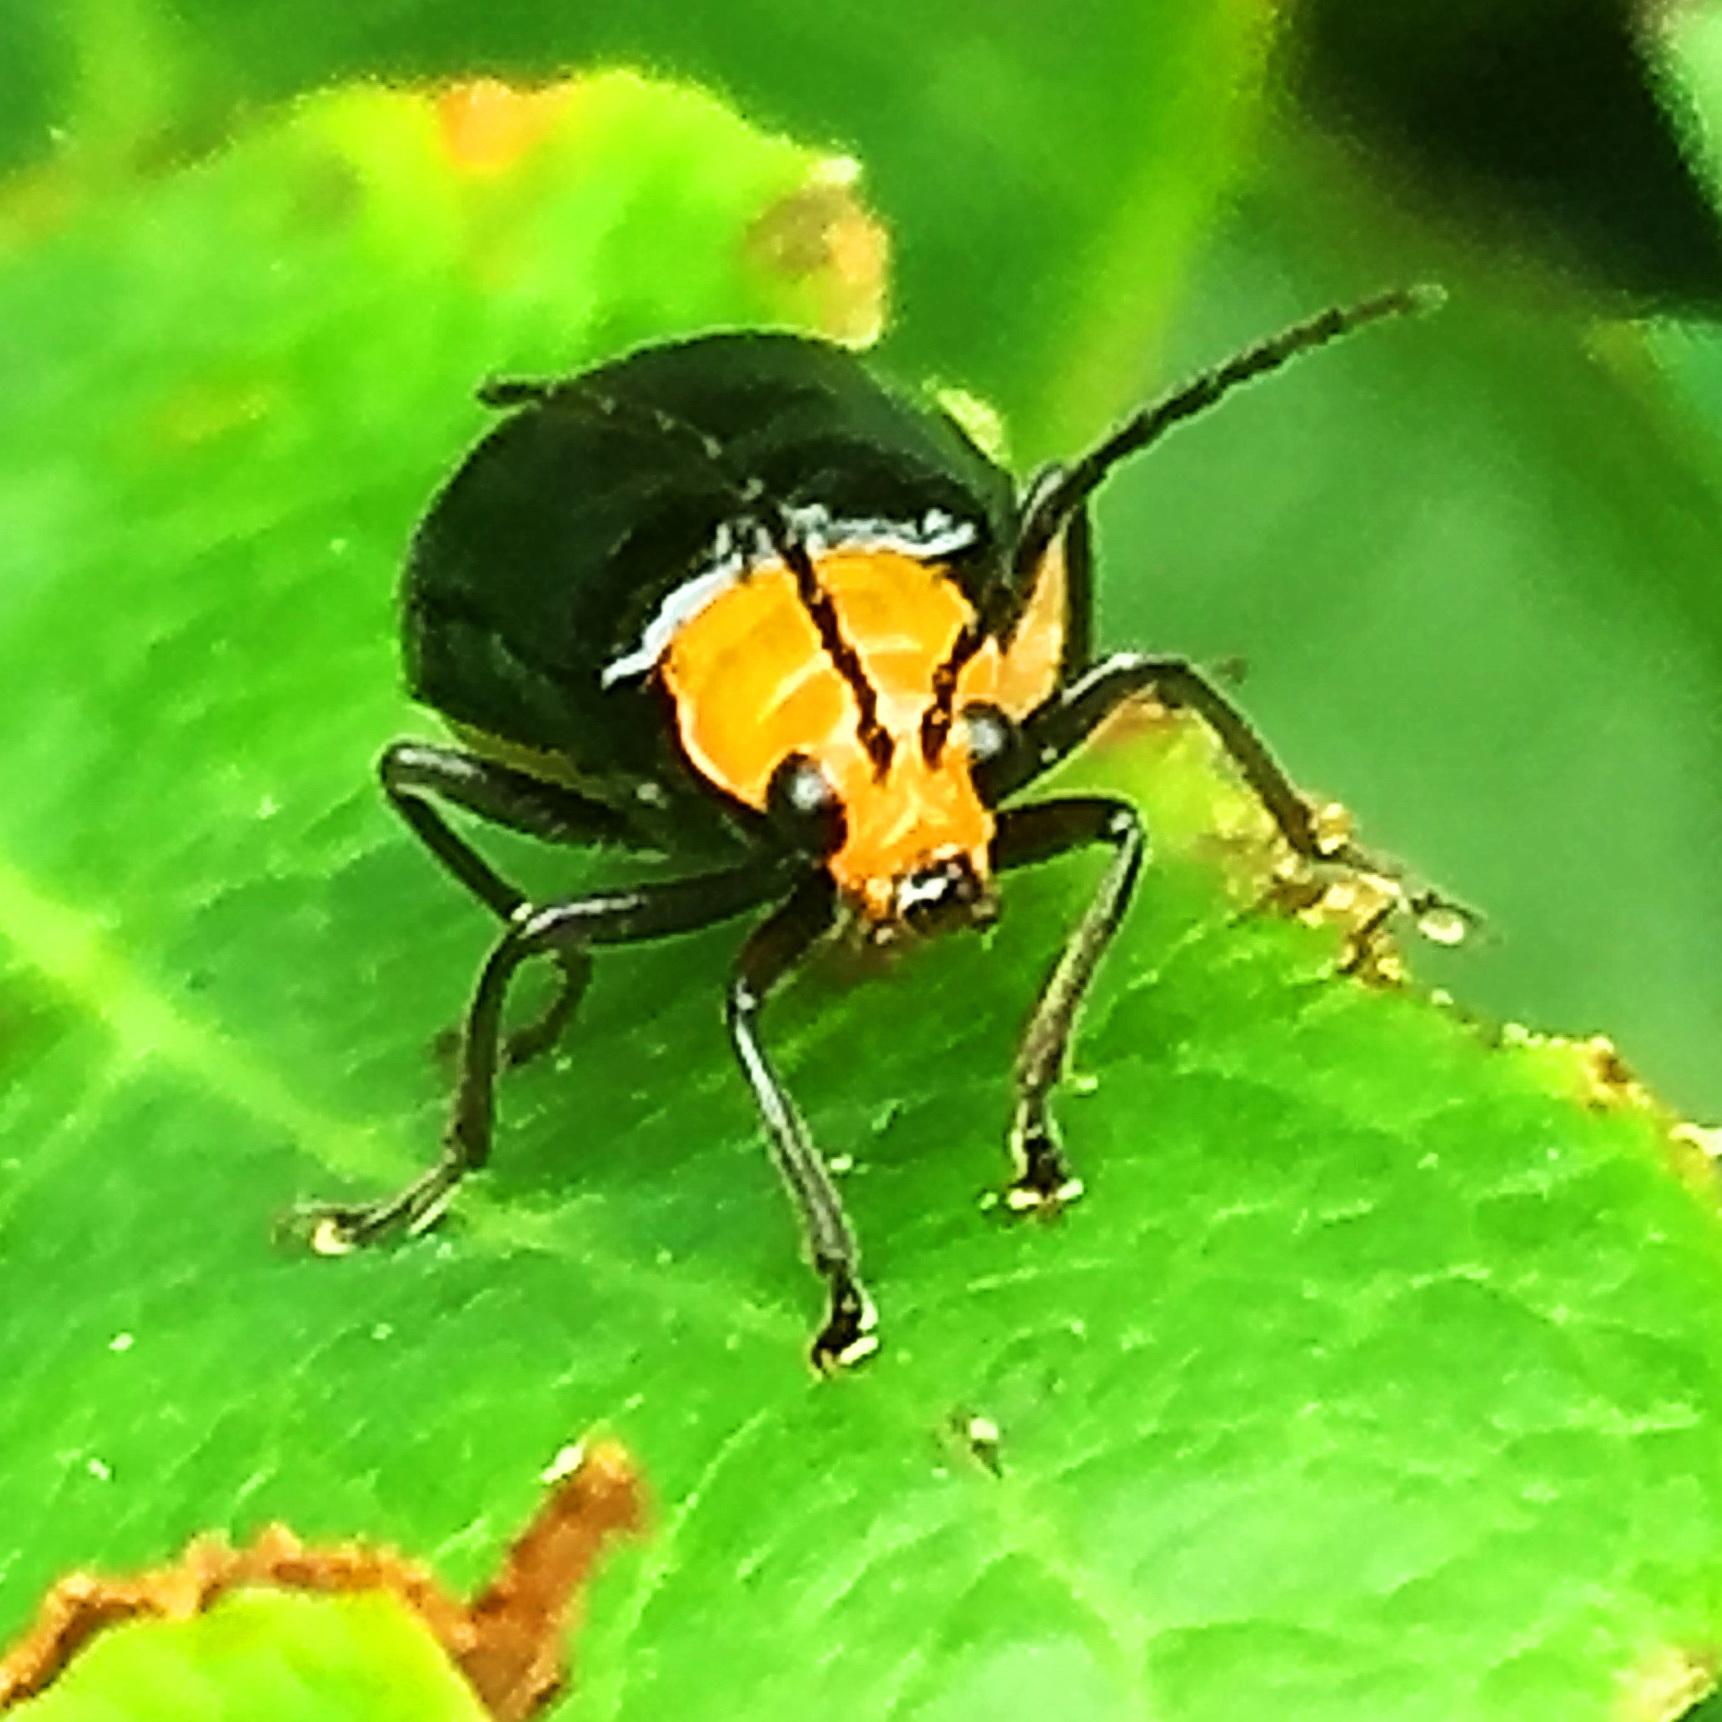 クロウリハムシ(黒瓜金花虫)